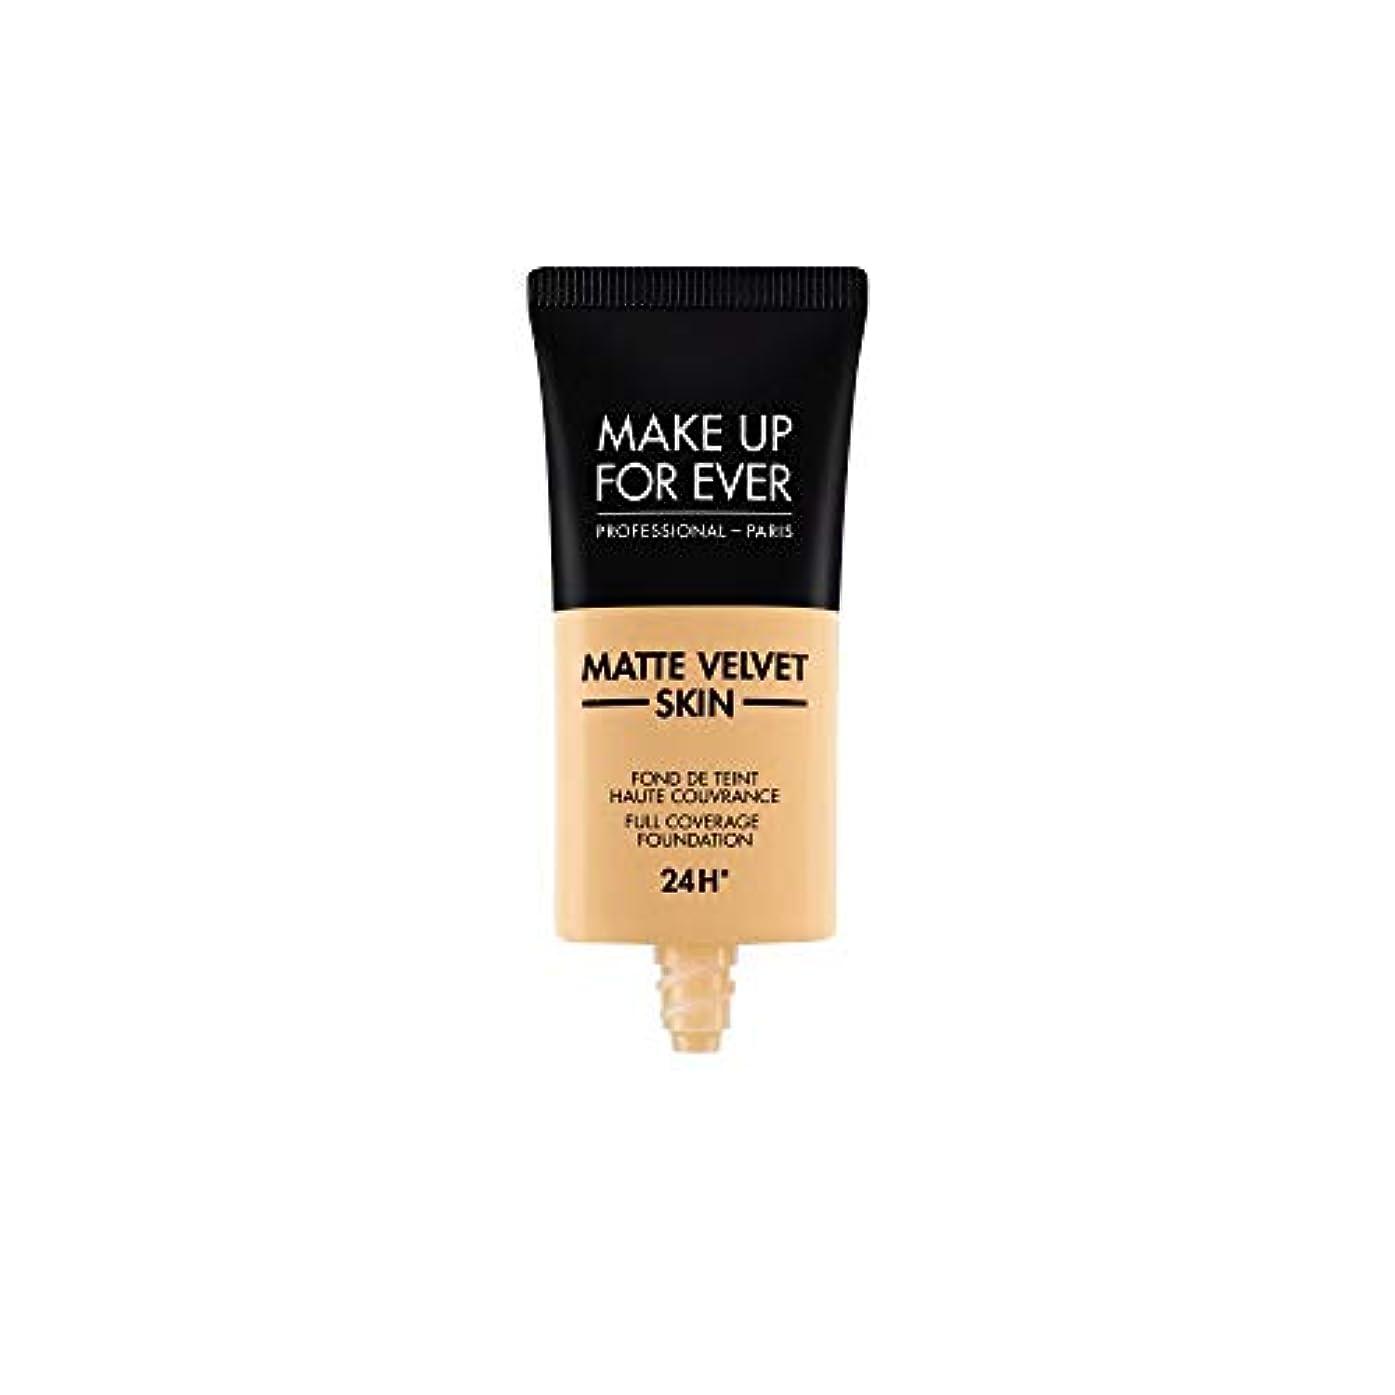 従来の見分けるチームメイクアップフォーエバー Matte Velvet Skin Full Coverage Foundation - # Y245 (Soft Sand) 30ml/1oz並行輸入品